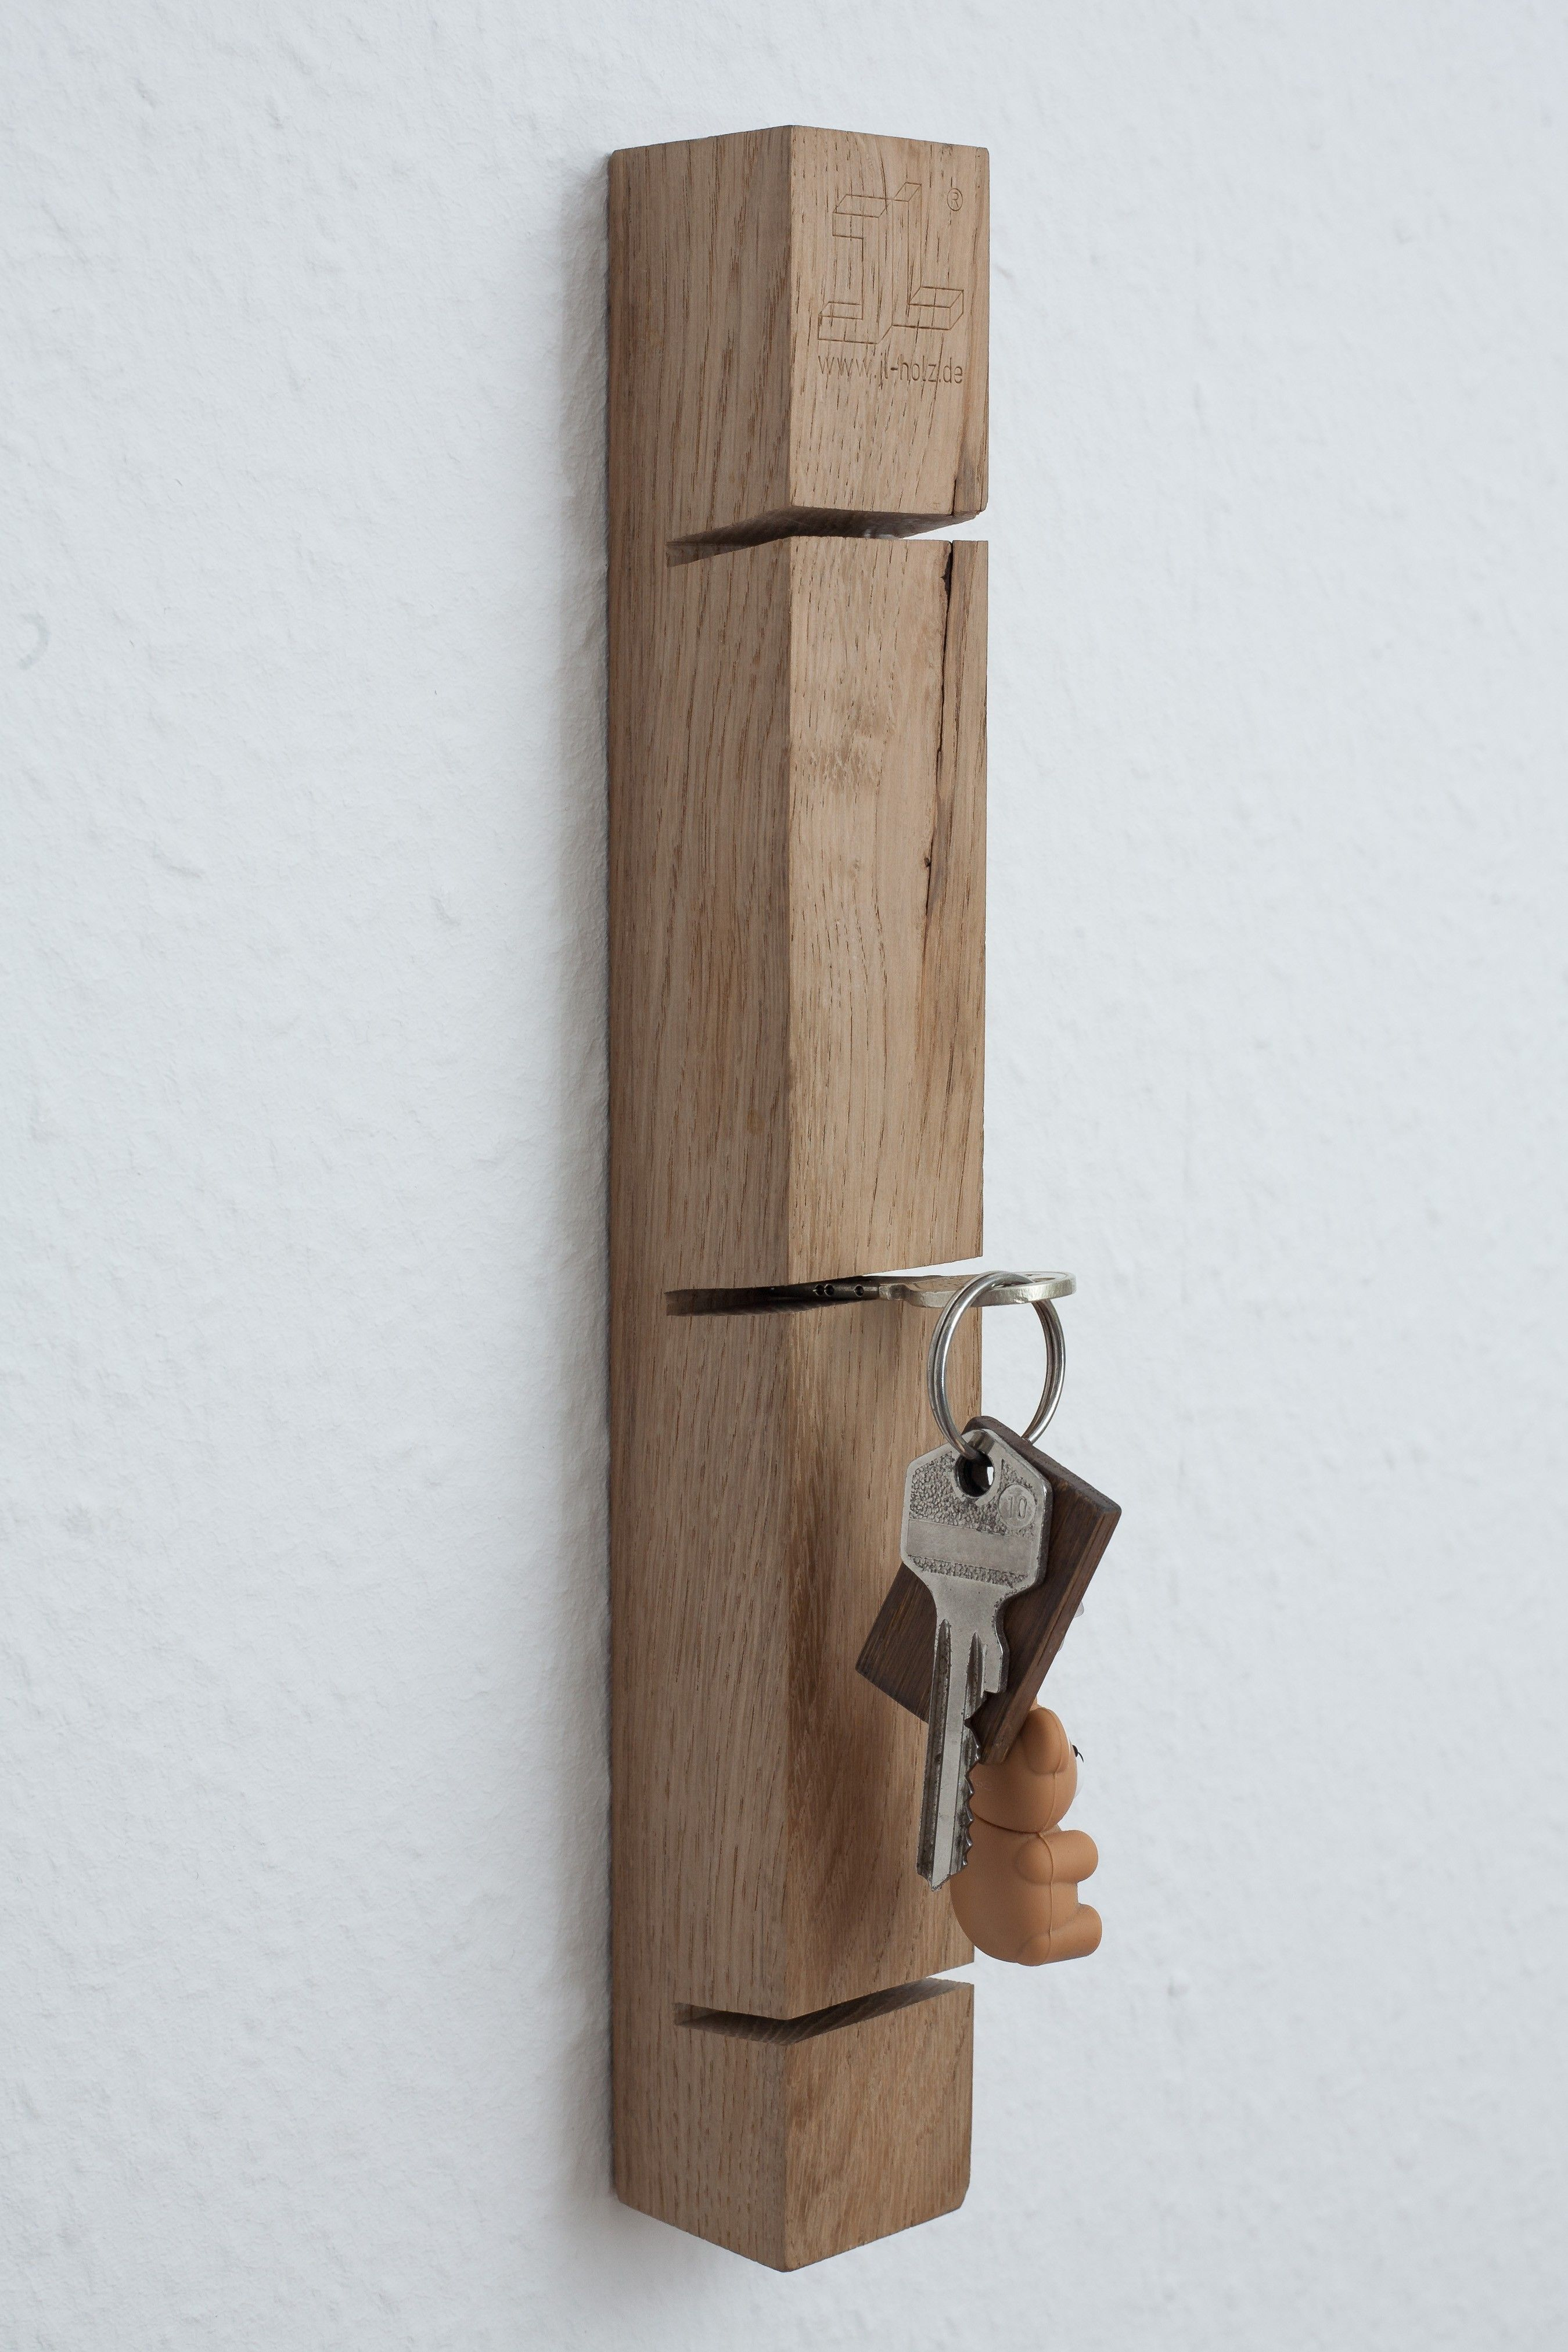 jl-holz schlüsselbrett (eiche vollmassiv) | woodworking, interiors